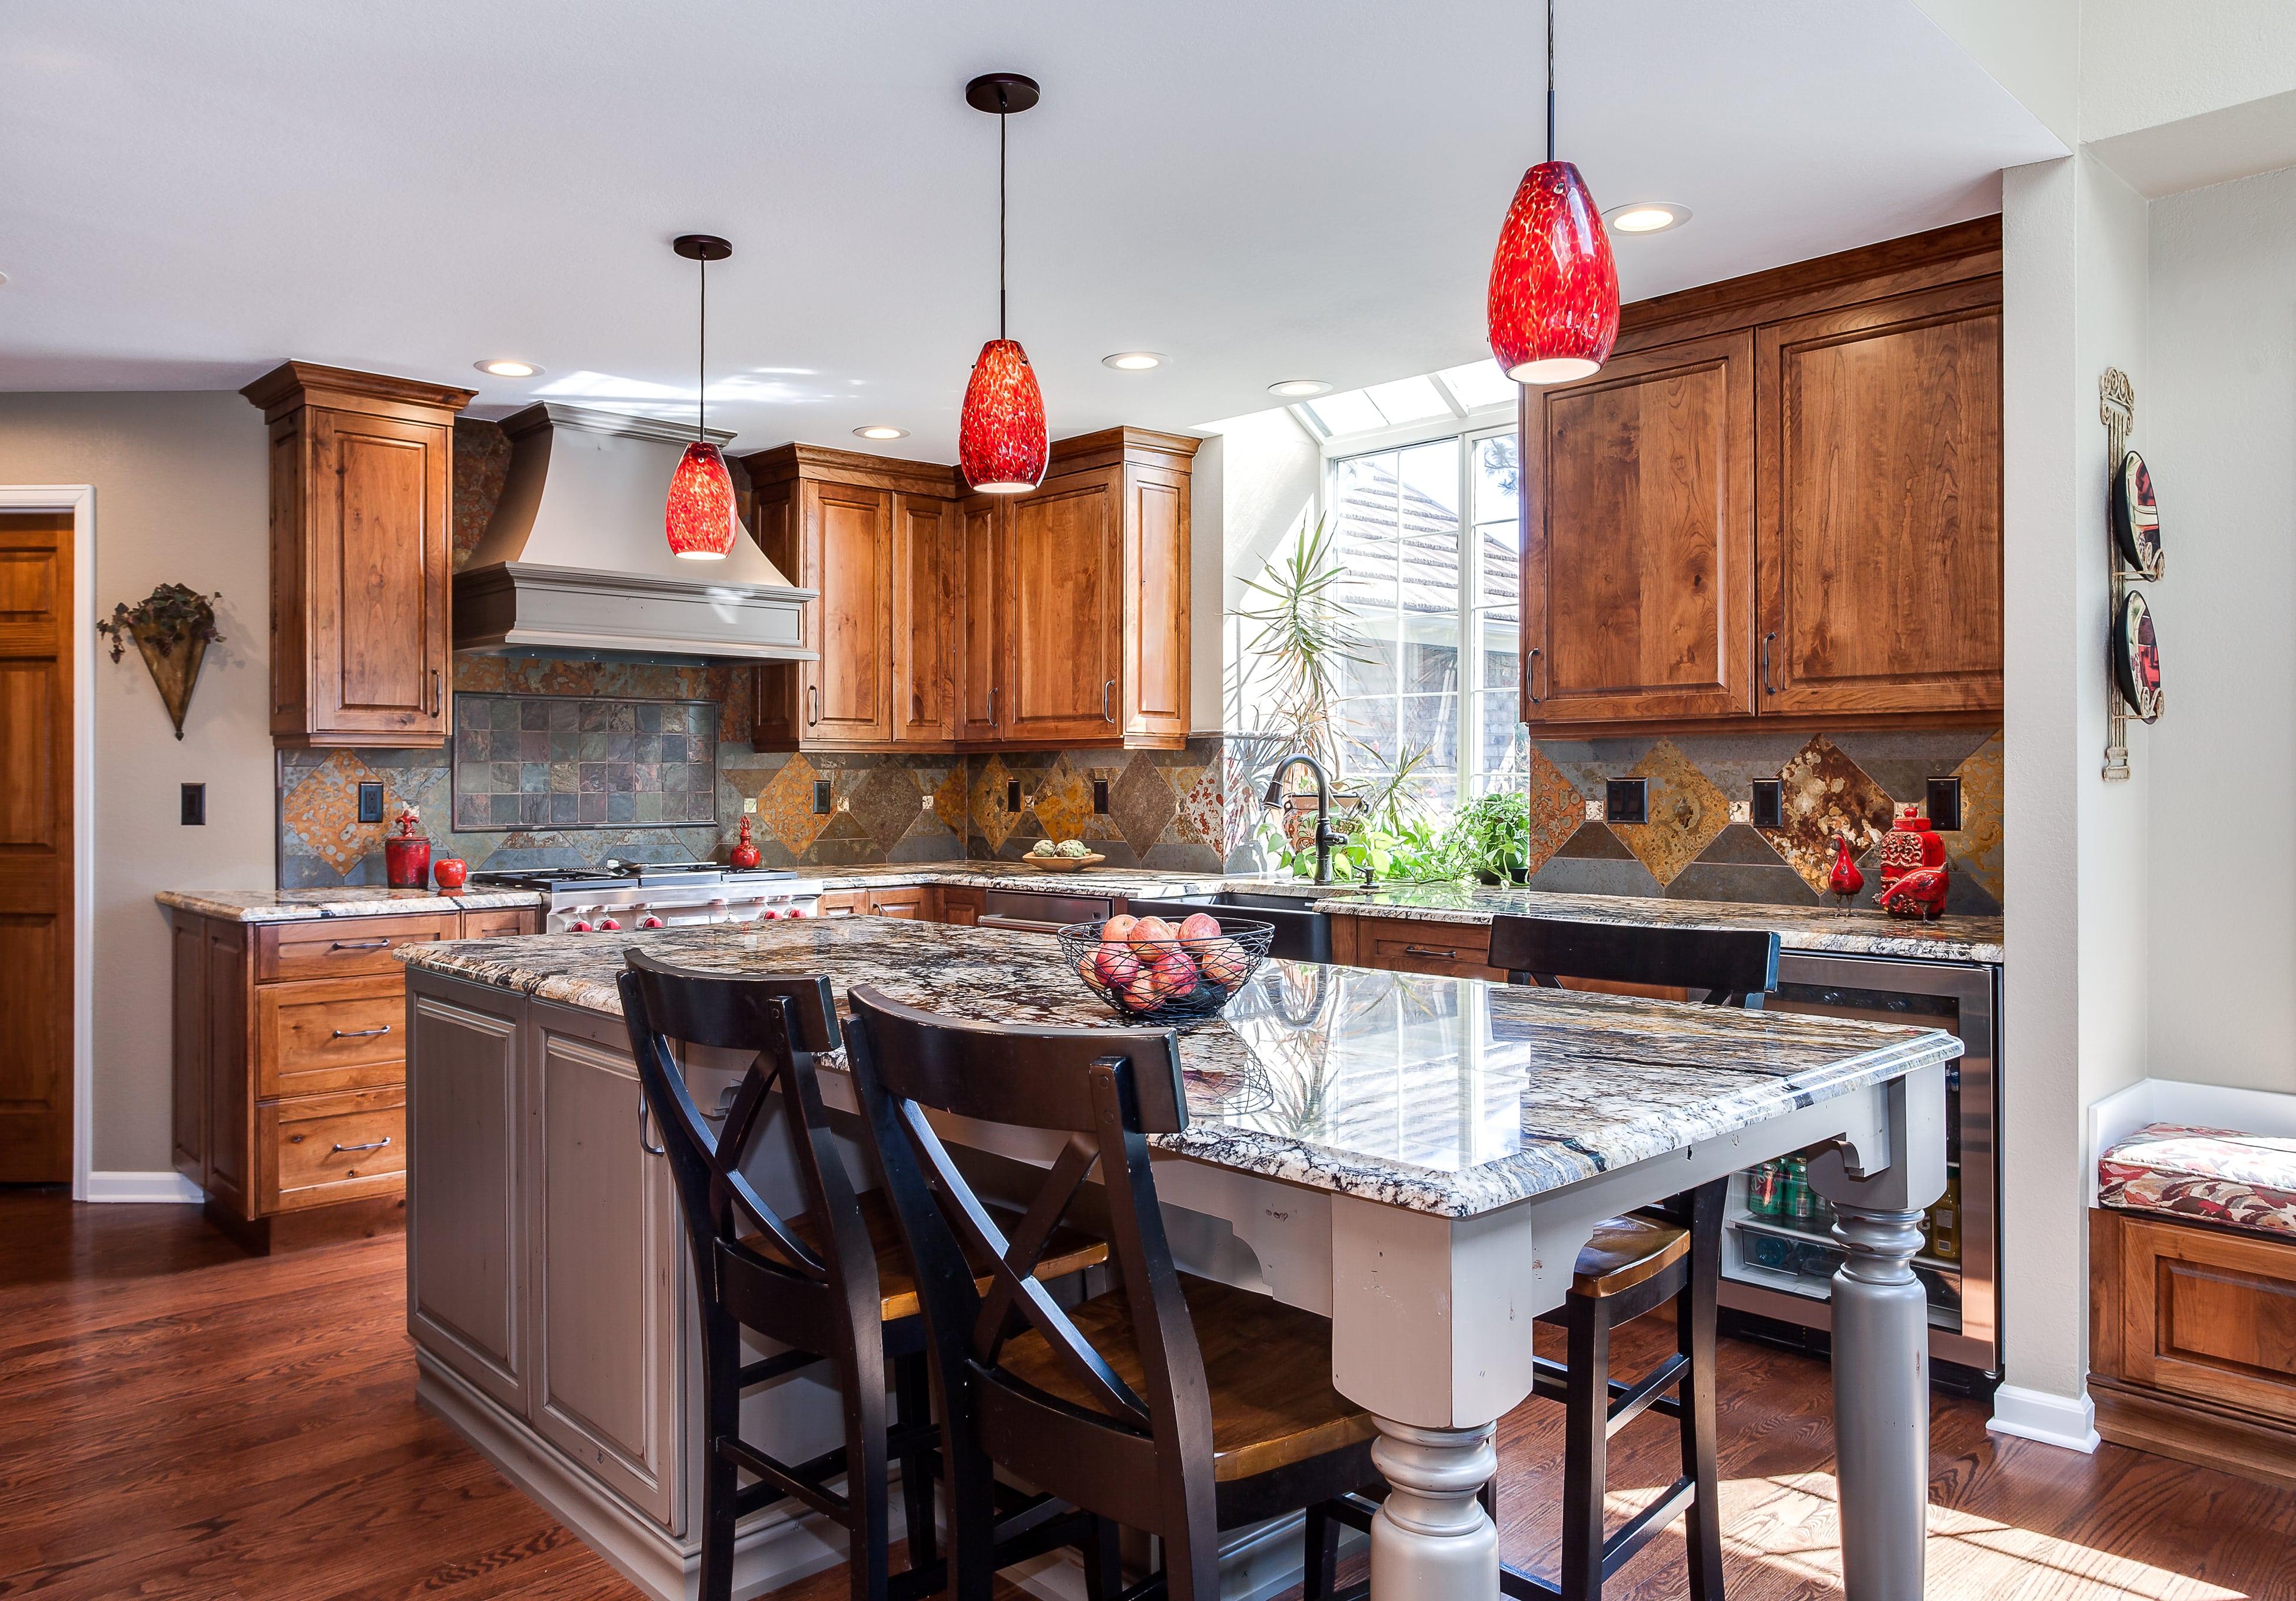 Natural wood cabinet kitchen with tile backsplash